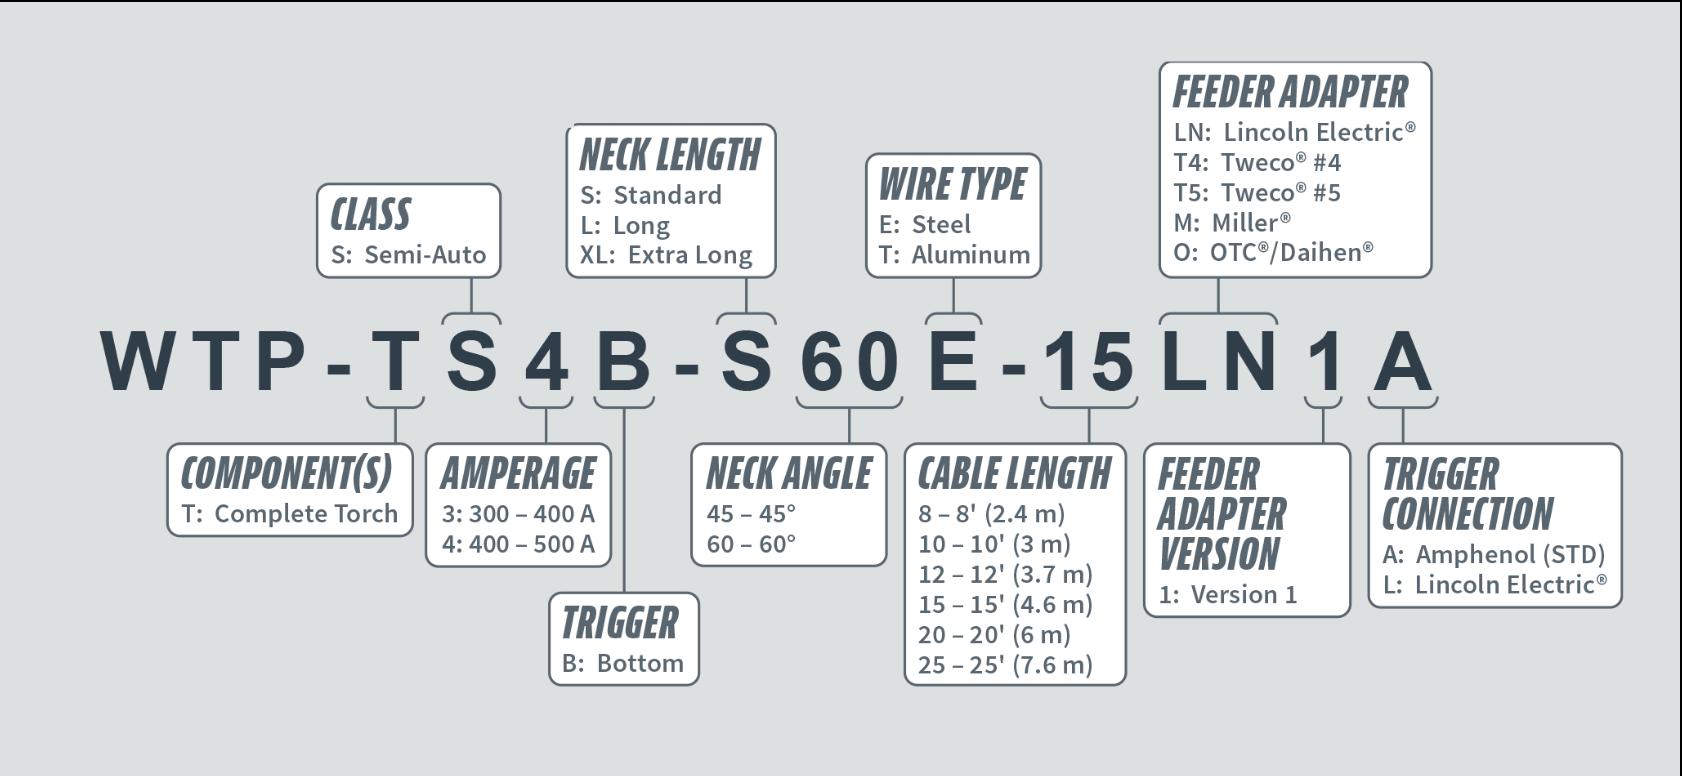 Sistema de numeración y opciones disponibles para antorchas